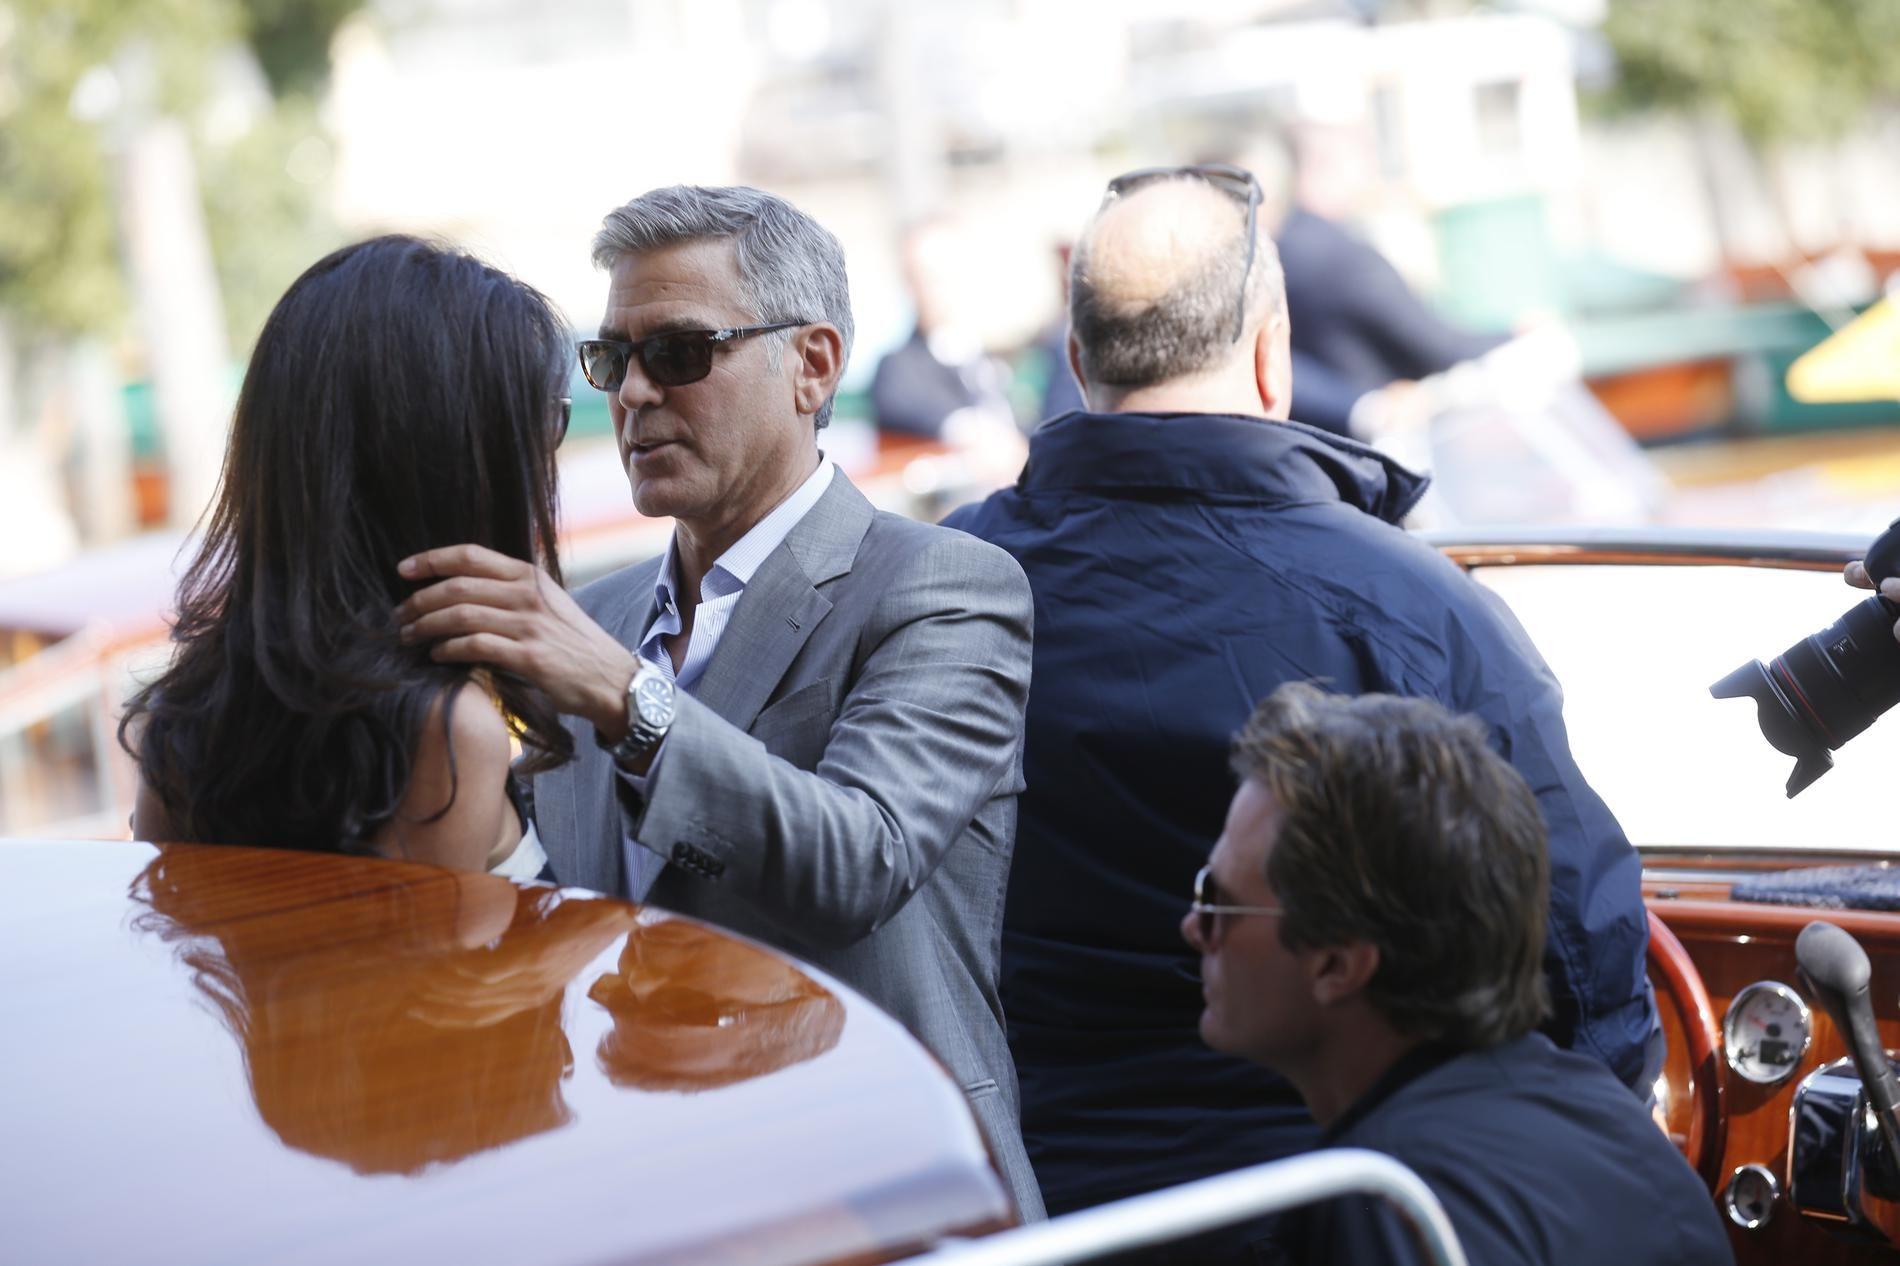 Le point Clooney : Amal a chassé George de leur chambre -...